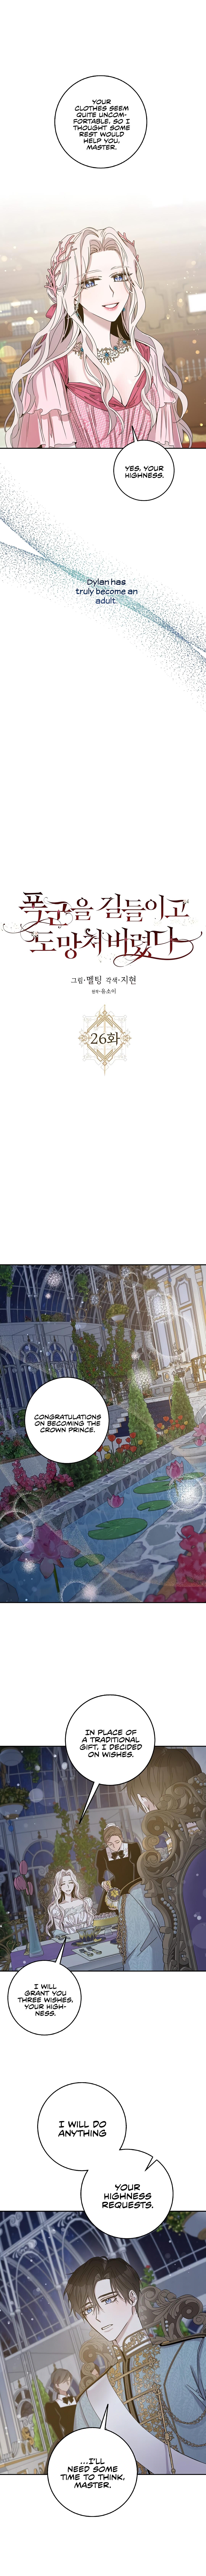 I Tamed A Tyrant And Ran Away Chapter 26 page 3 - Mangakakalots.com